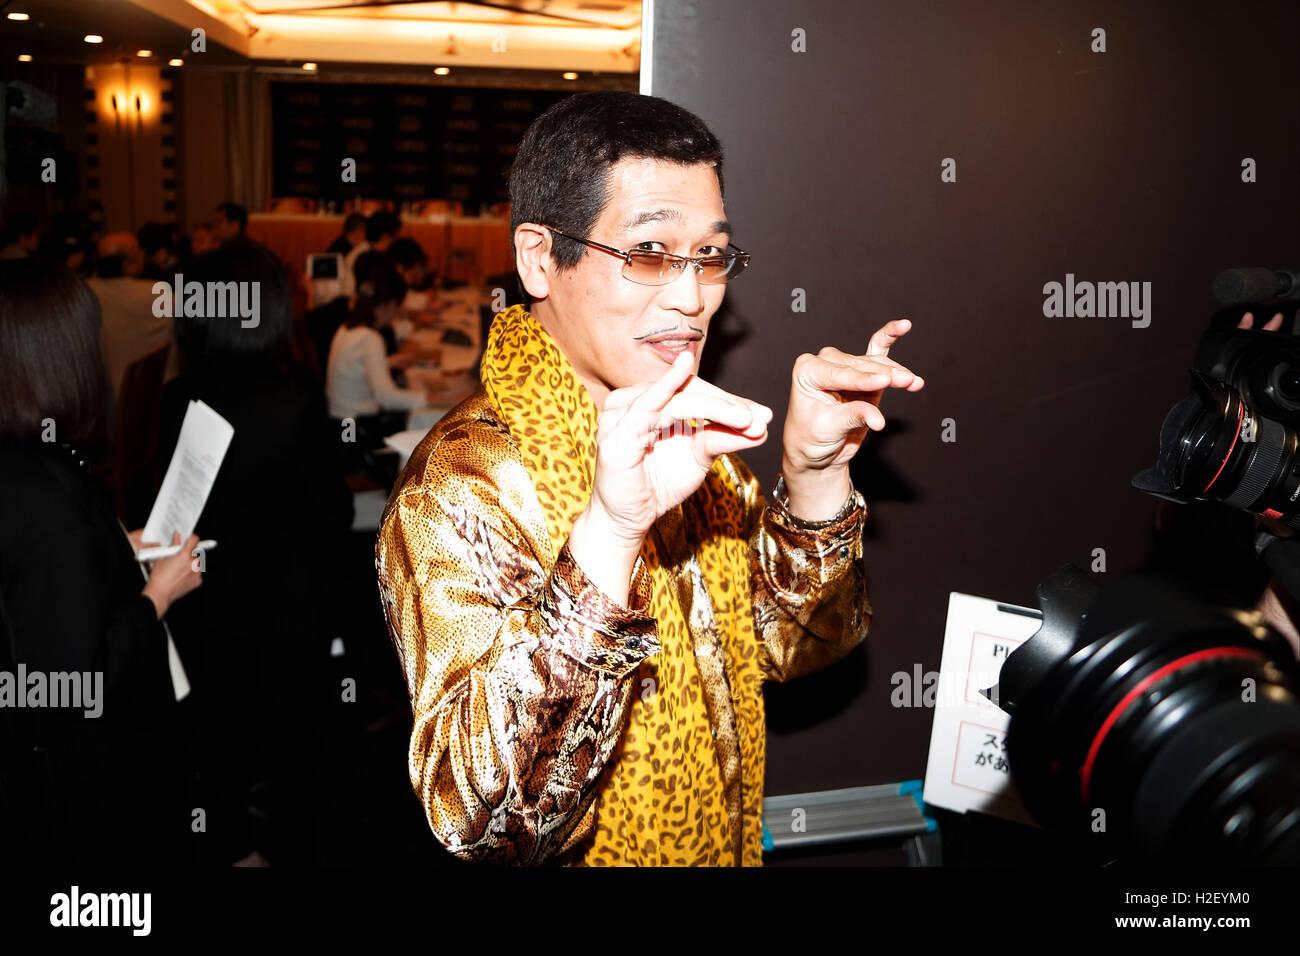 Tokyo, Japon. 28 Oct, 2016. Le comédien japonais Pikotaro Piko (Taro) pose pour les caméras au Club des Photo Stock